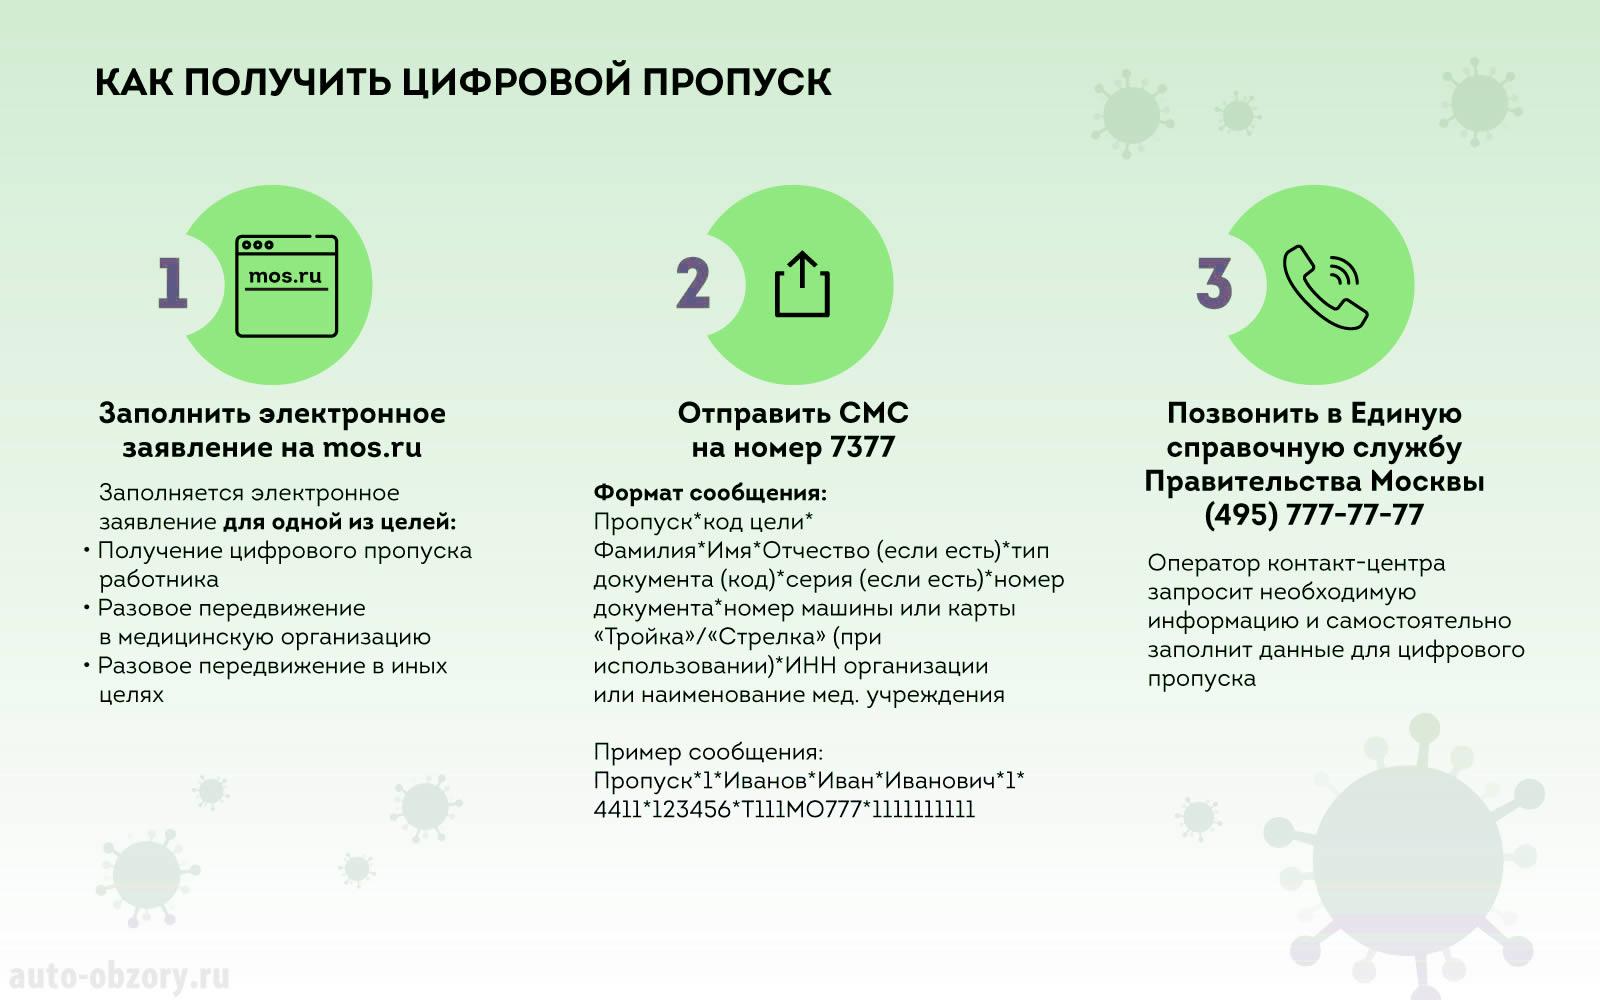 Как получить пропуск - получить QR-код для передвижения по Москве